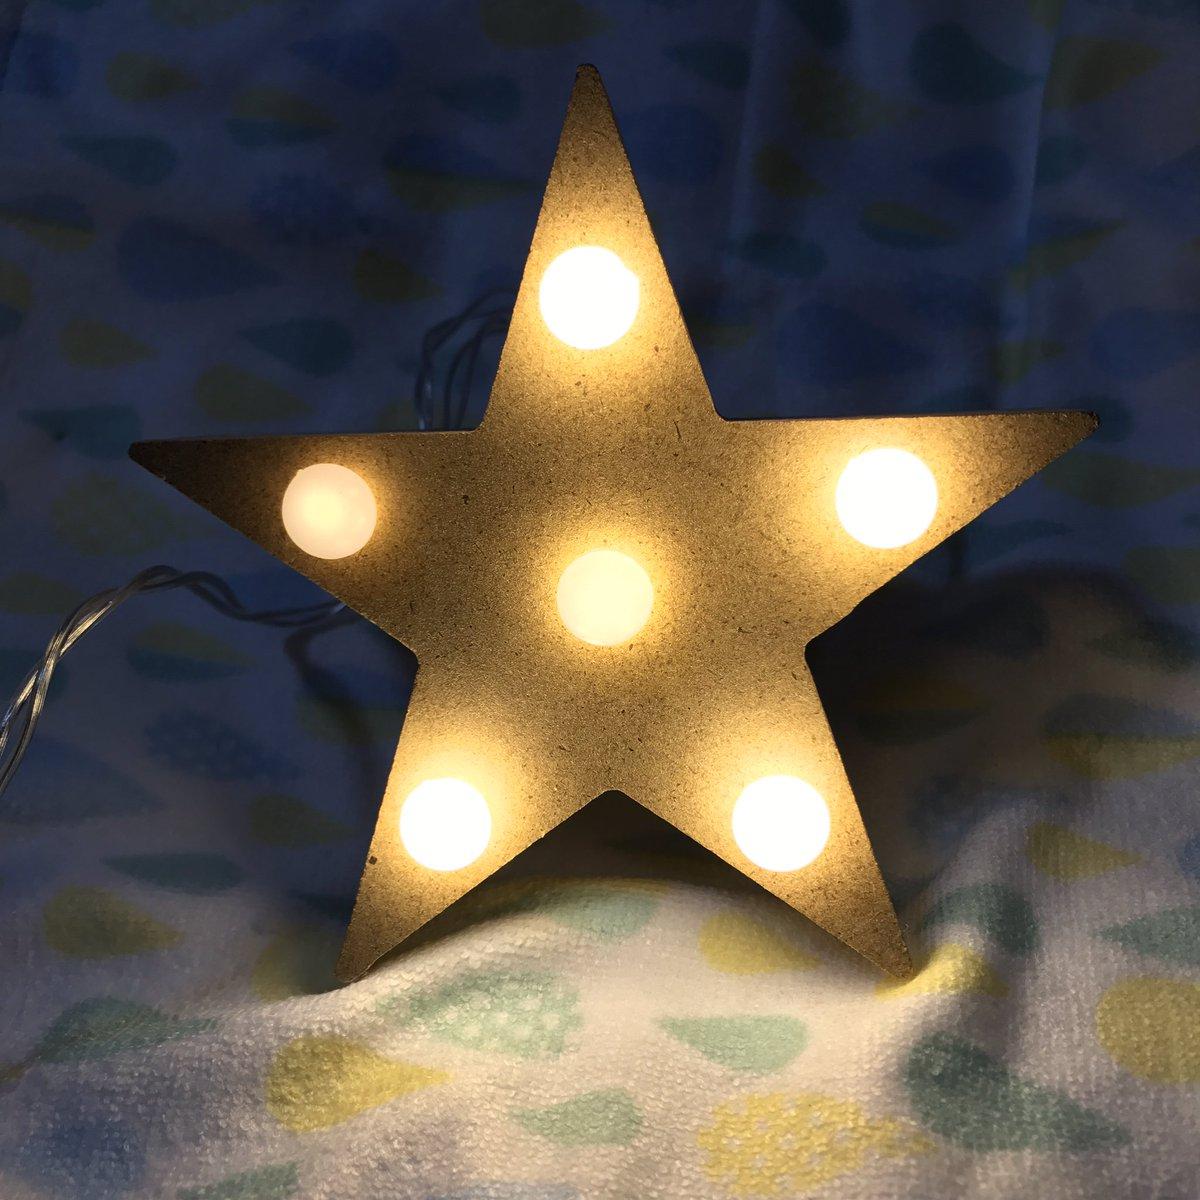 test ツイッターメディア - candoさんのキラキラ可愛いマーキーライト!確かに星とライト合わせて200円でこれは可愛い😁 『K』あればなぁ。。。 #キャンドゥ #cando #星 #マーキーライト #☆ https://t.co/nzoEZKR4ui